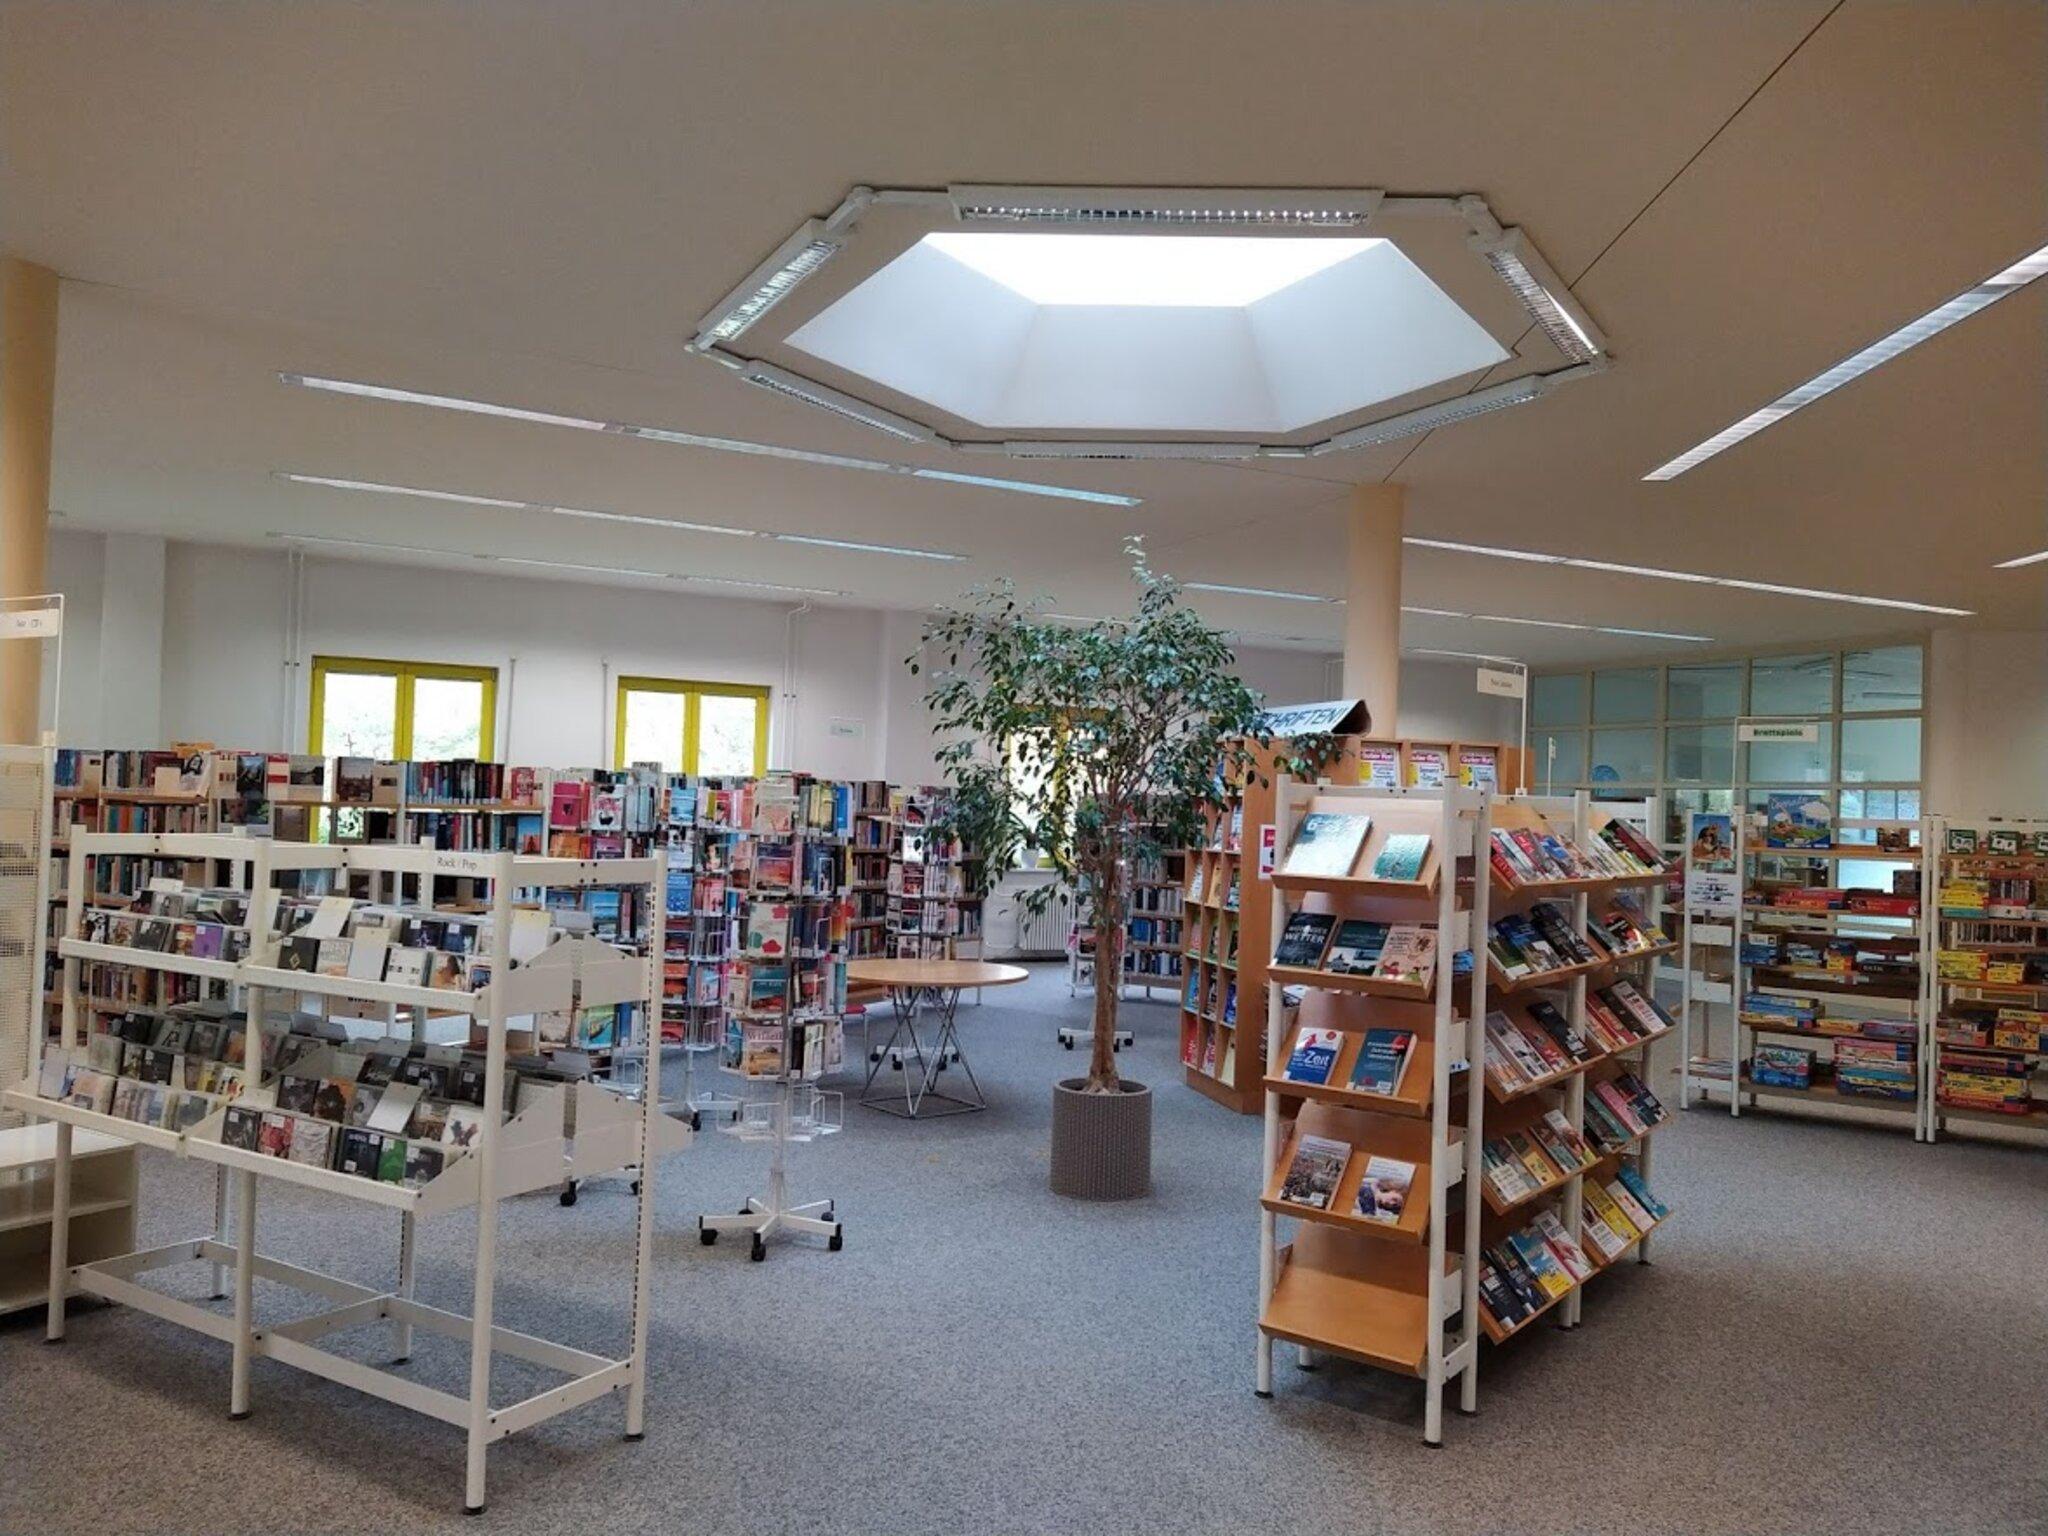 Stadtteilbibliothek im Bürgerhaus Altglienicke soll moderner werden...